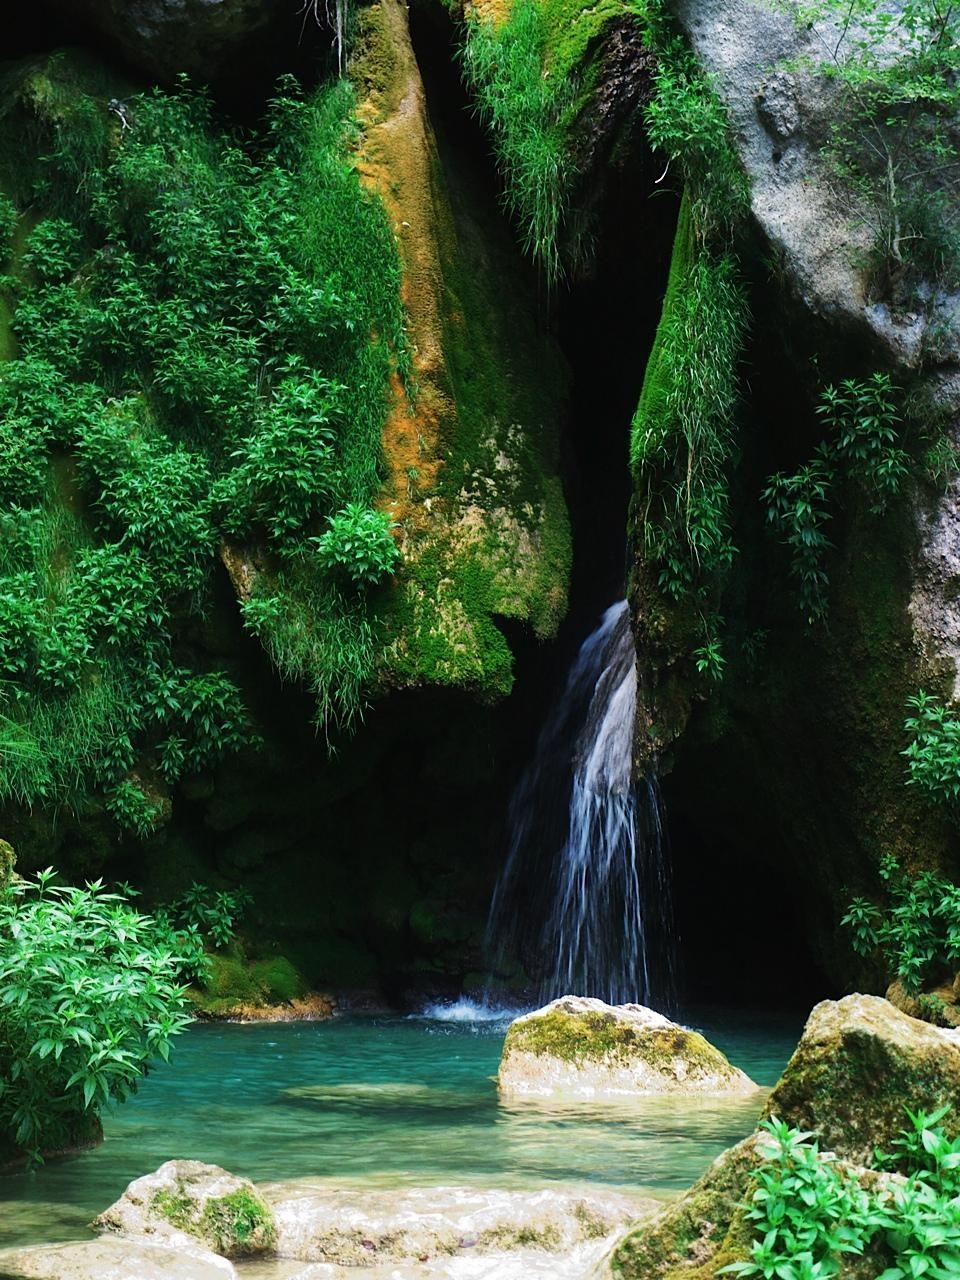 NacederoUrederra #Baquedano El Paraíso del Agua. En el Parque Natural Urbasa